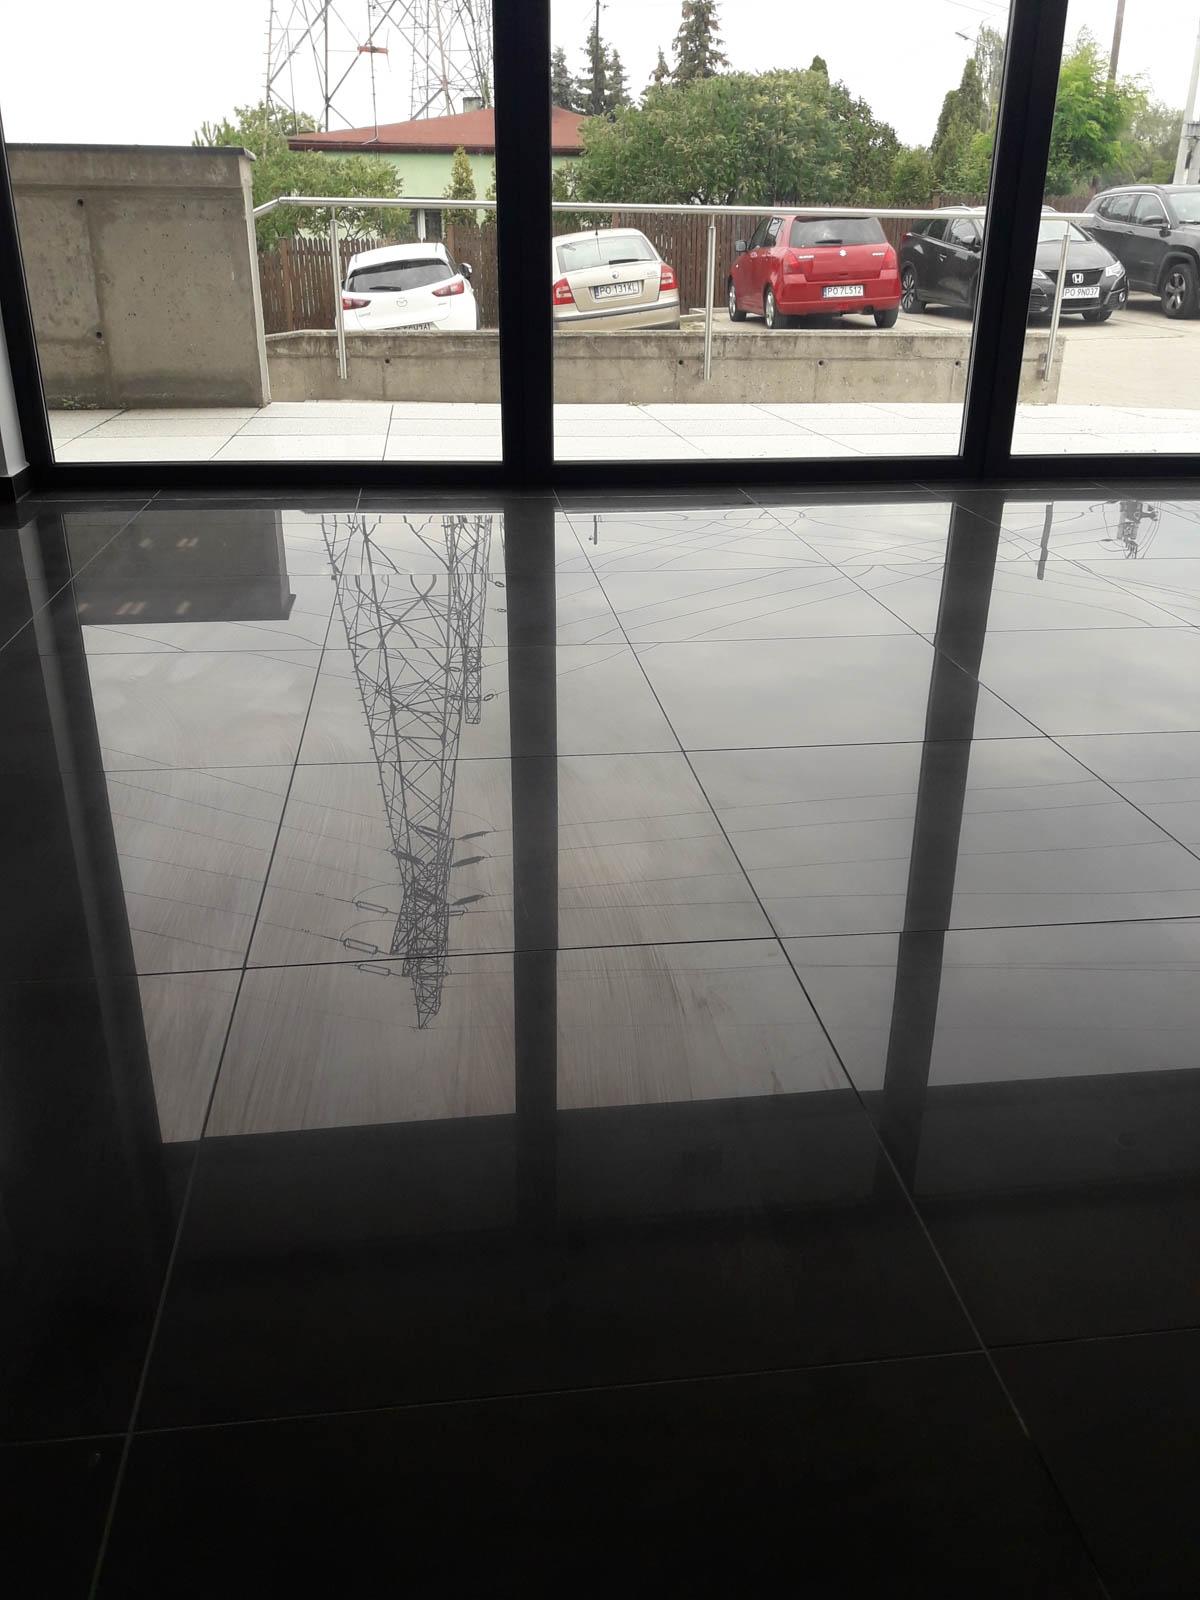 Mycie okien w obiektach biurowych